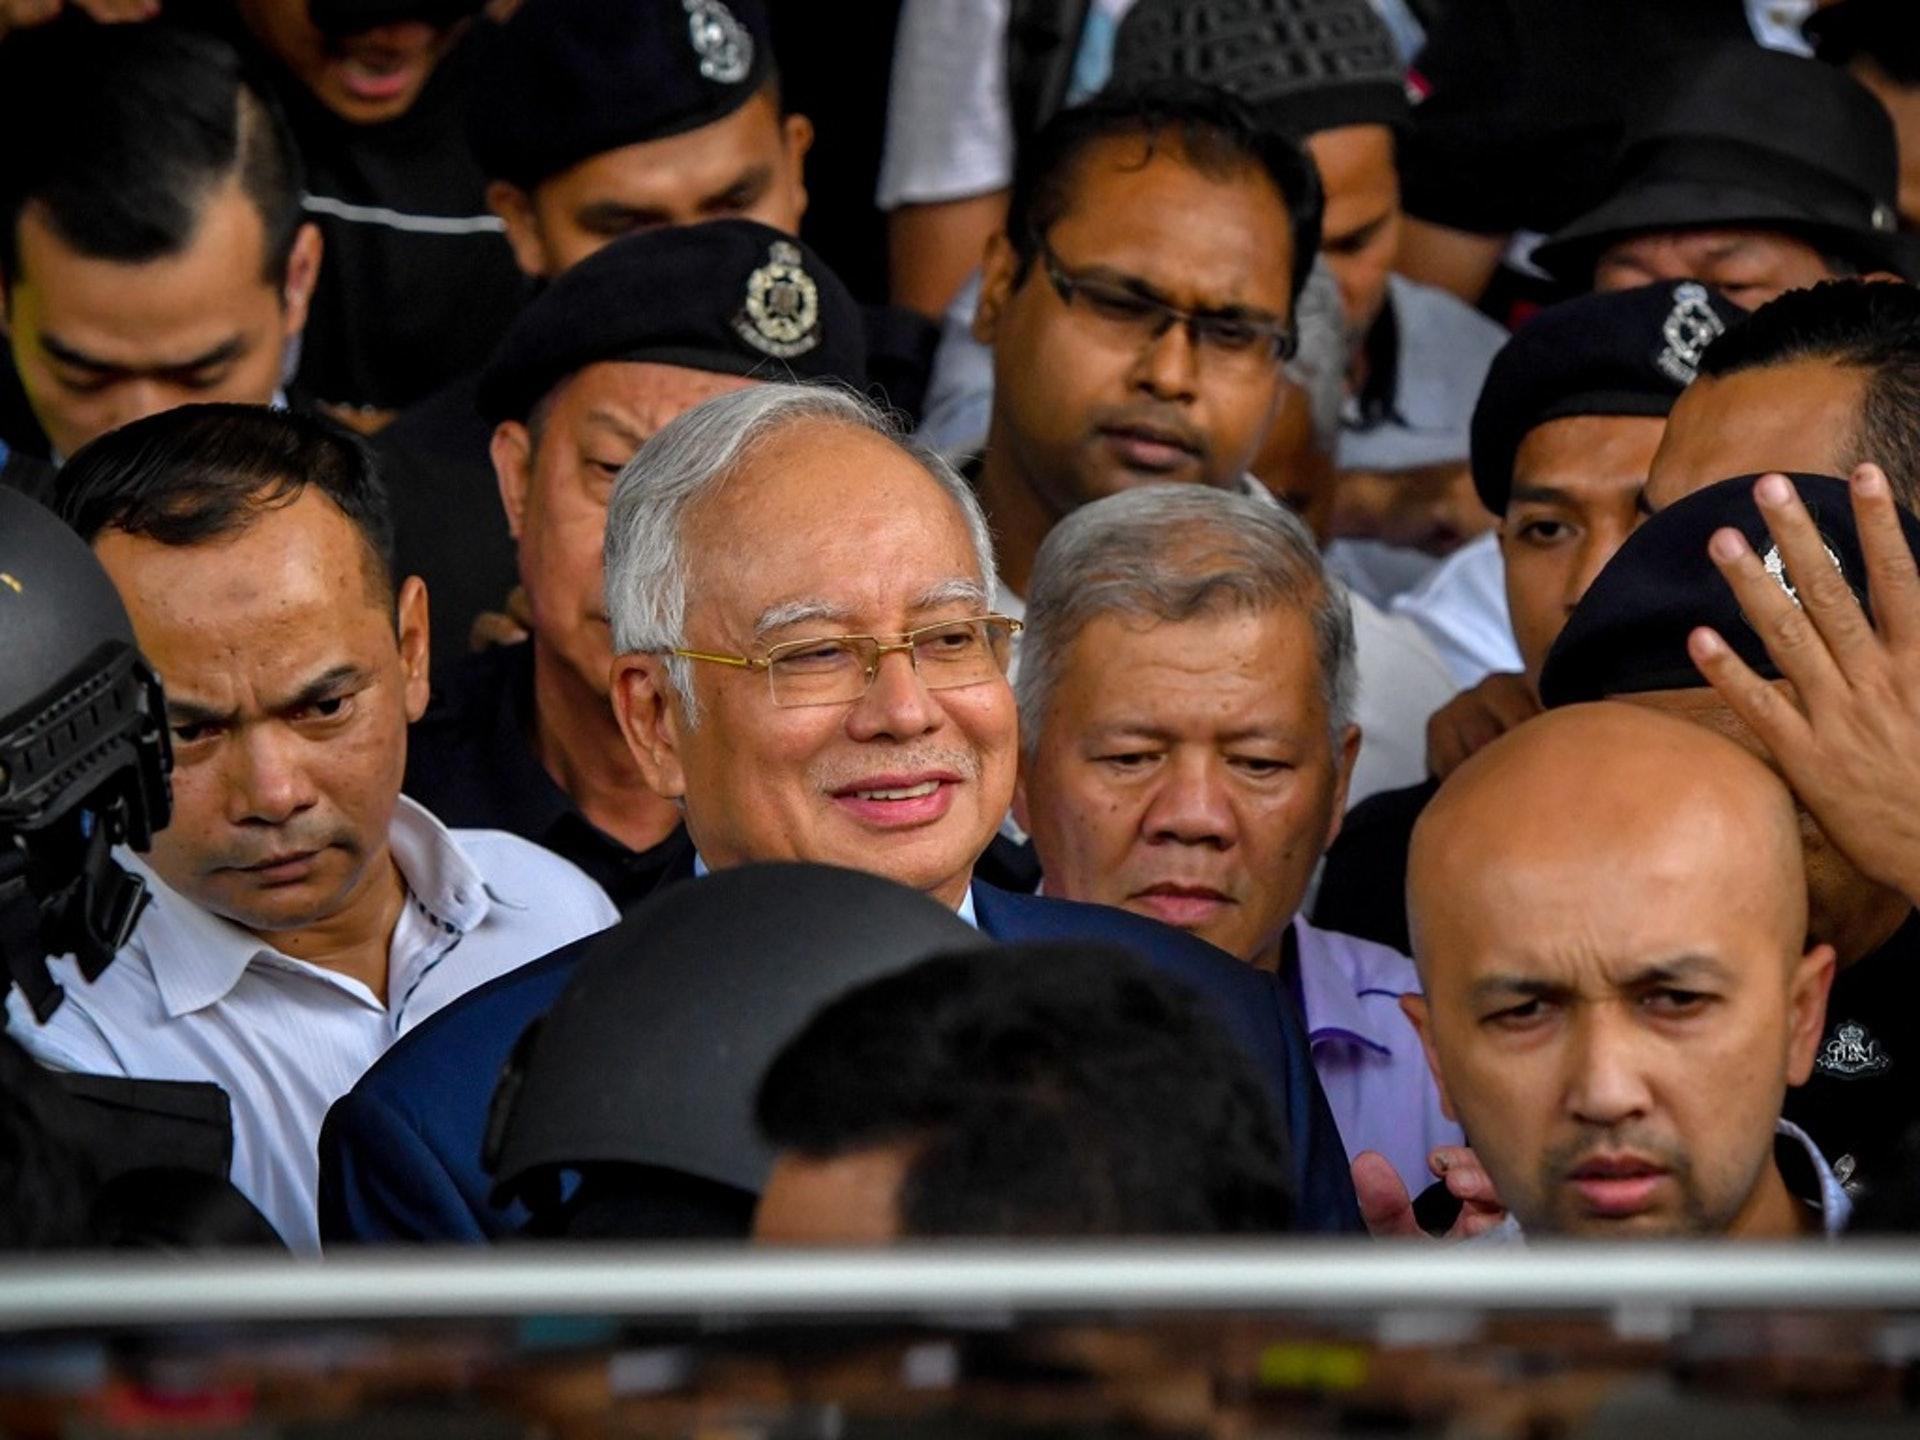 失勢的前總理納吉布(Najib Razak,中戴金絲眼鏡者)在馬哈蒂爾上台後一度遭遇打壓,但有情報顯示,隨着馬哈蒂爾與希望聯盟決裂,並與巫統等黨團複合,納吉布所面臨的大環境似乎也有好轉的迹象。(新華社)